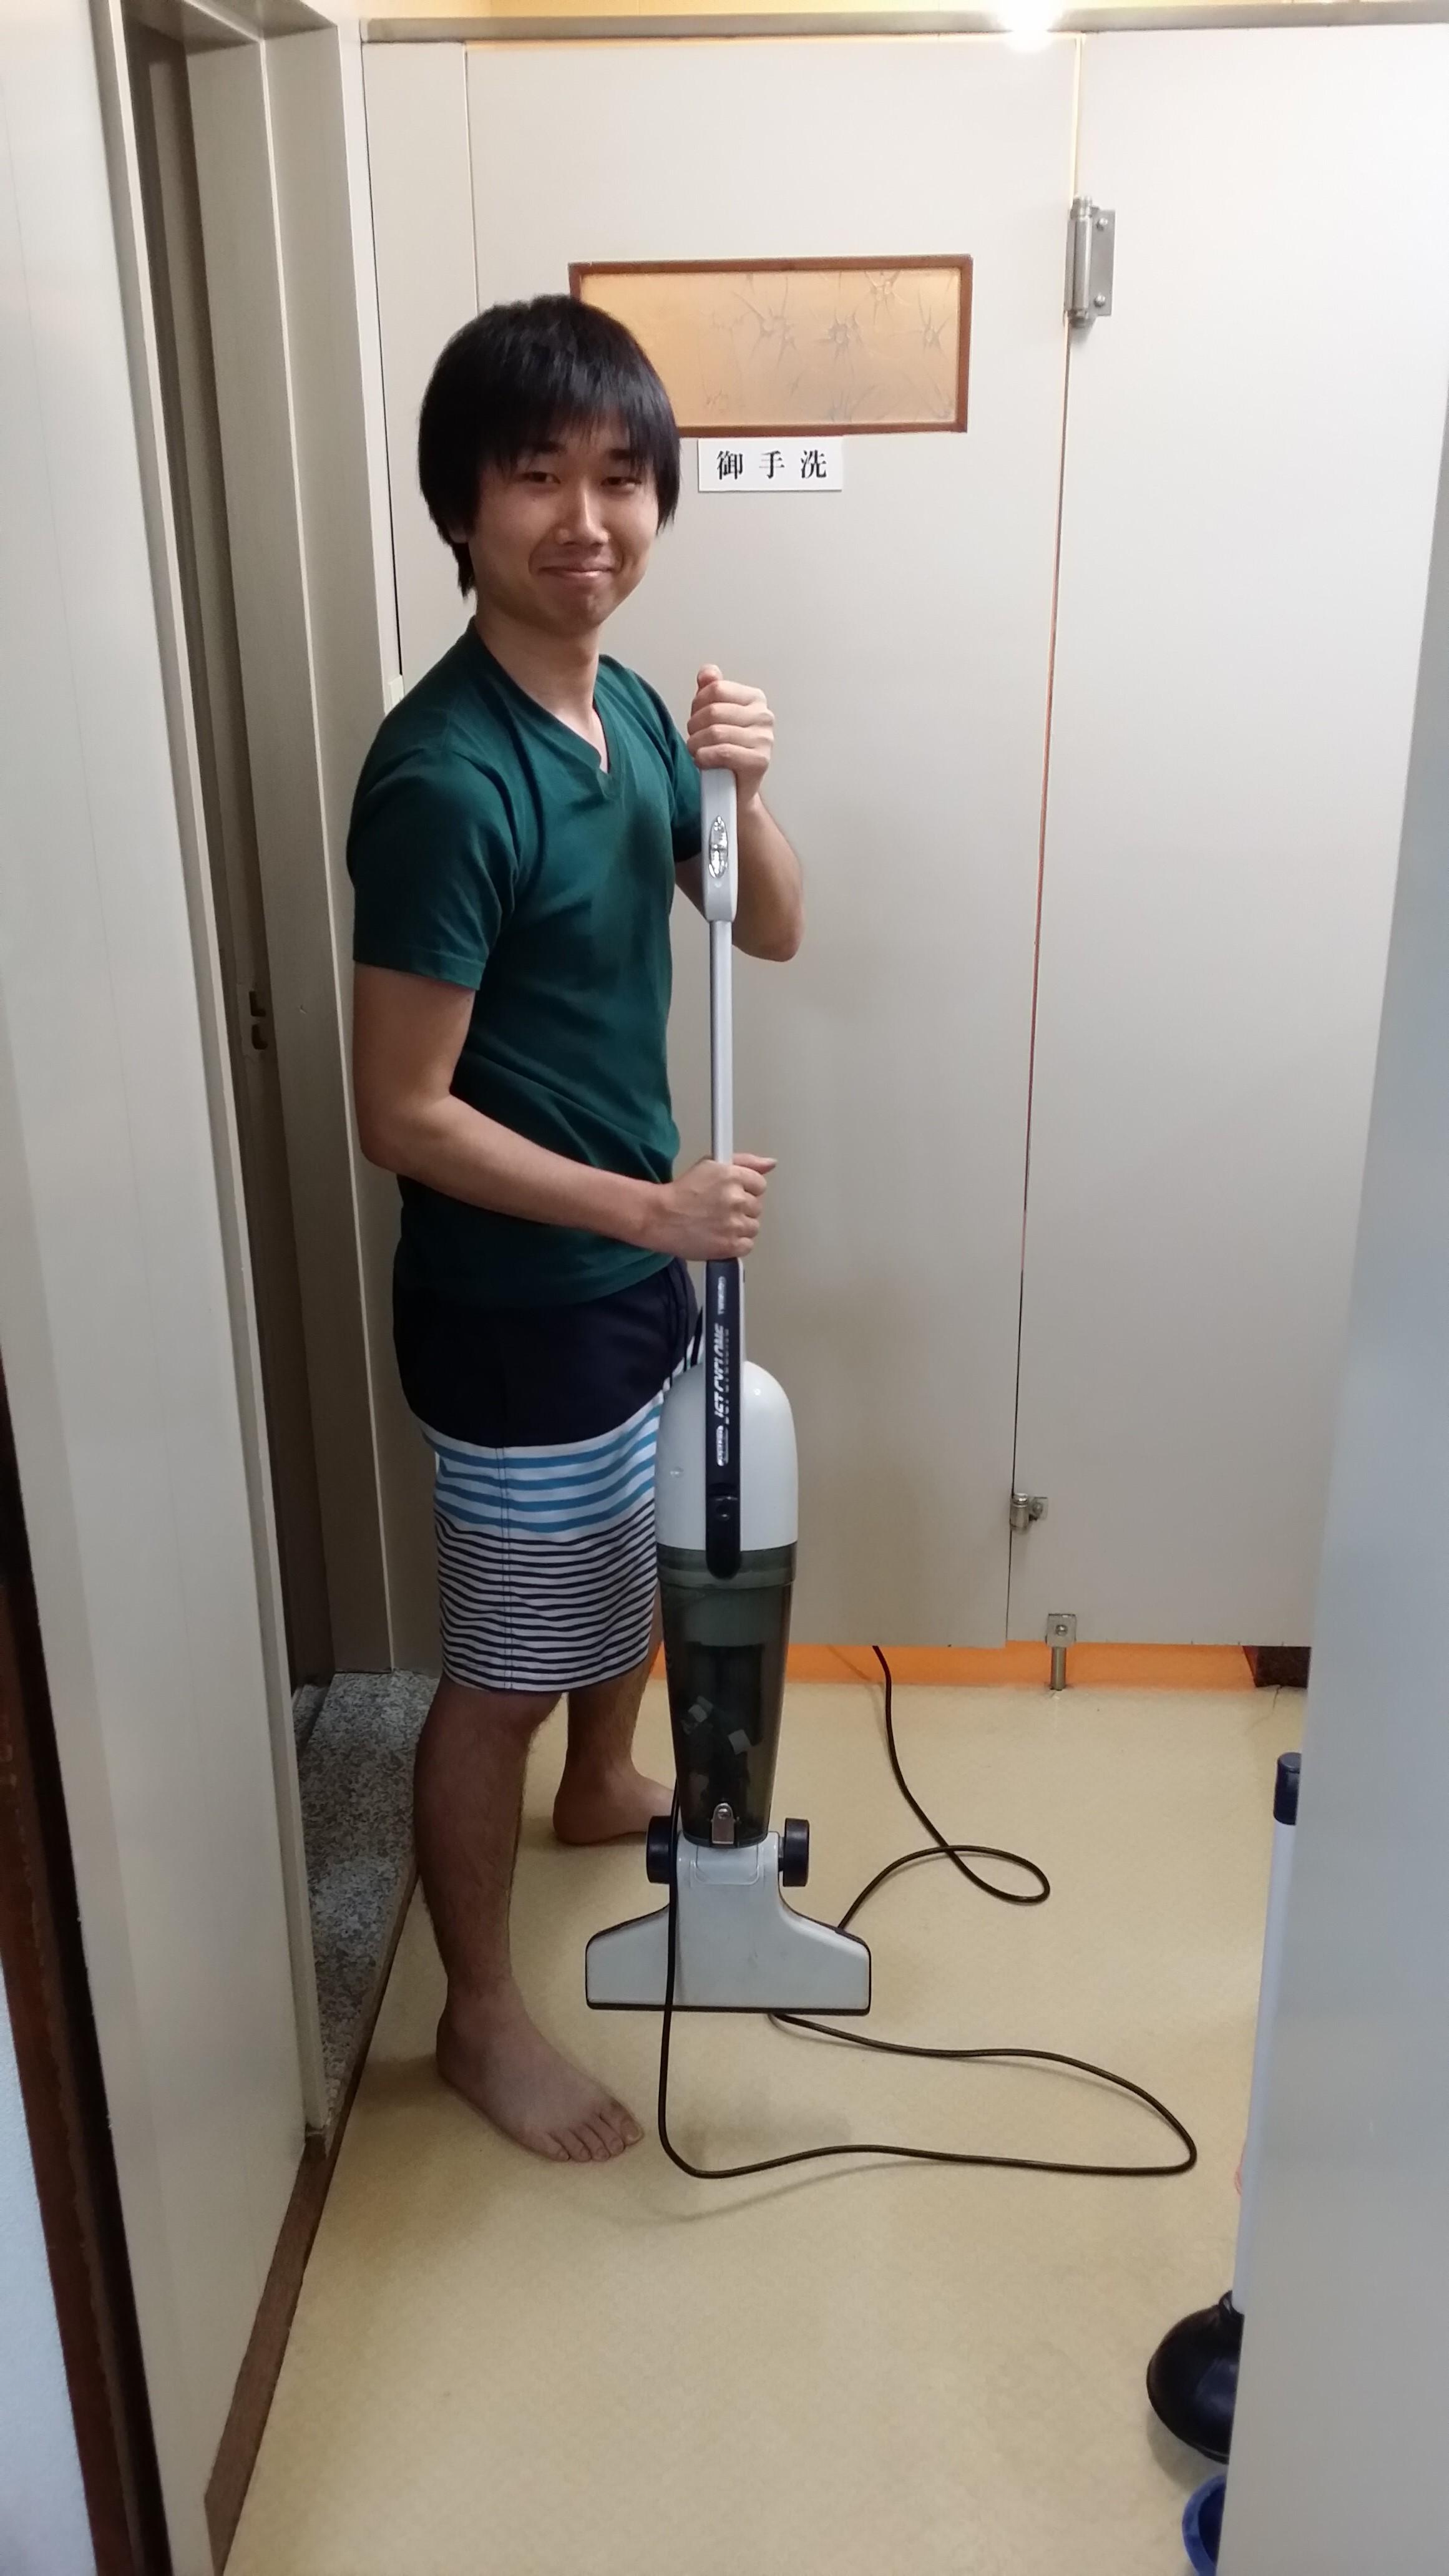 20140730 180650 - トイレの変更!